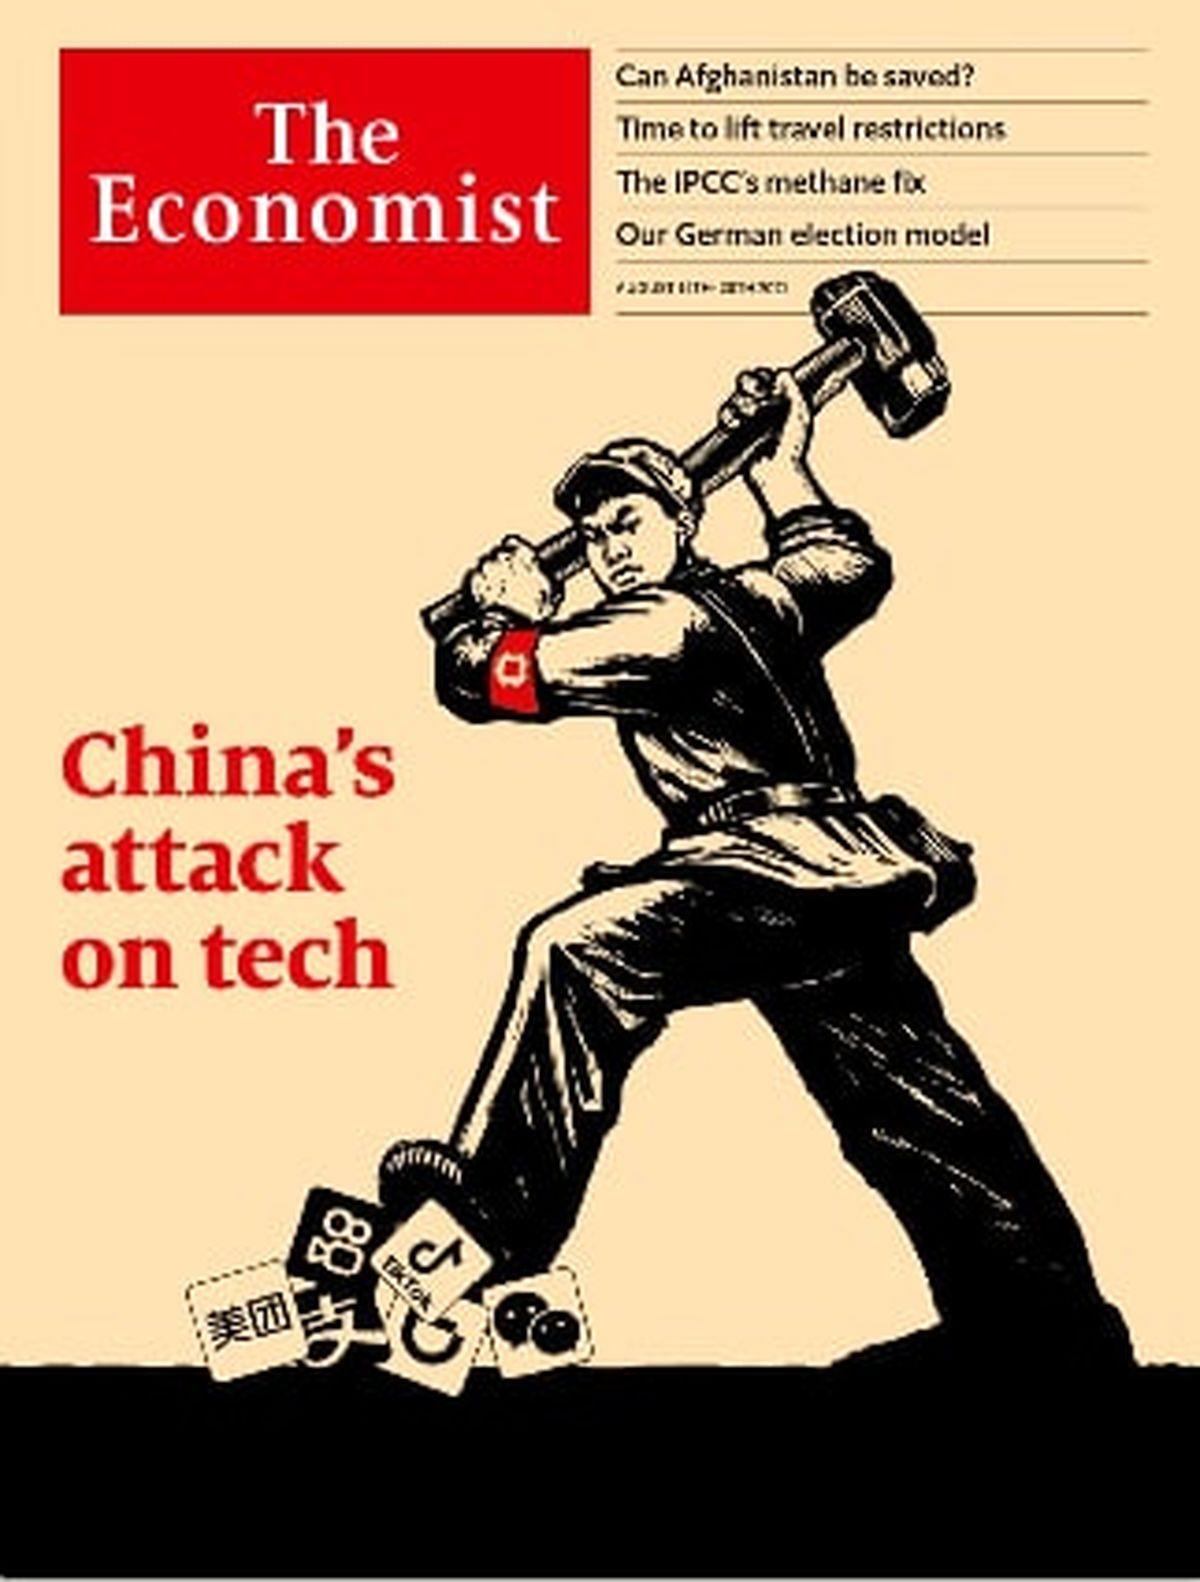 سرکوب شرکت های فناوری در چین طرح روی جلد هفته نامه اکونومیست